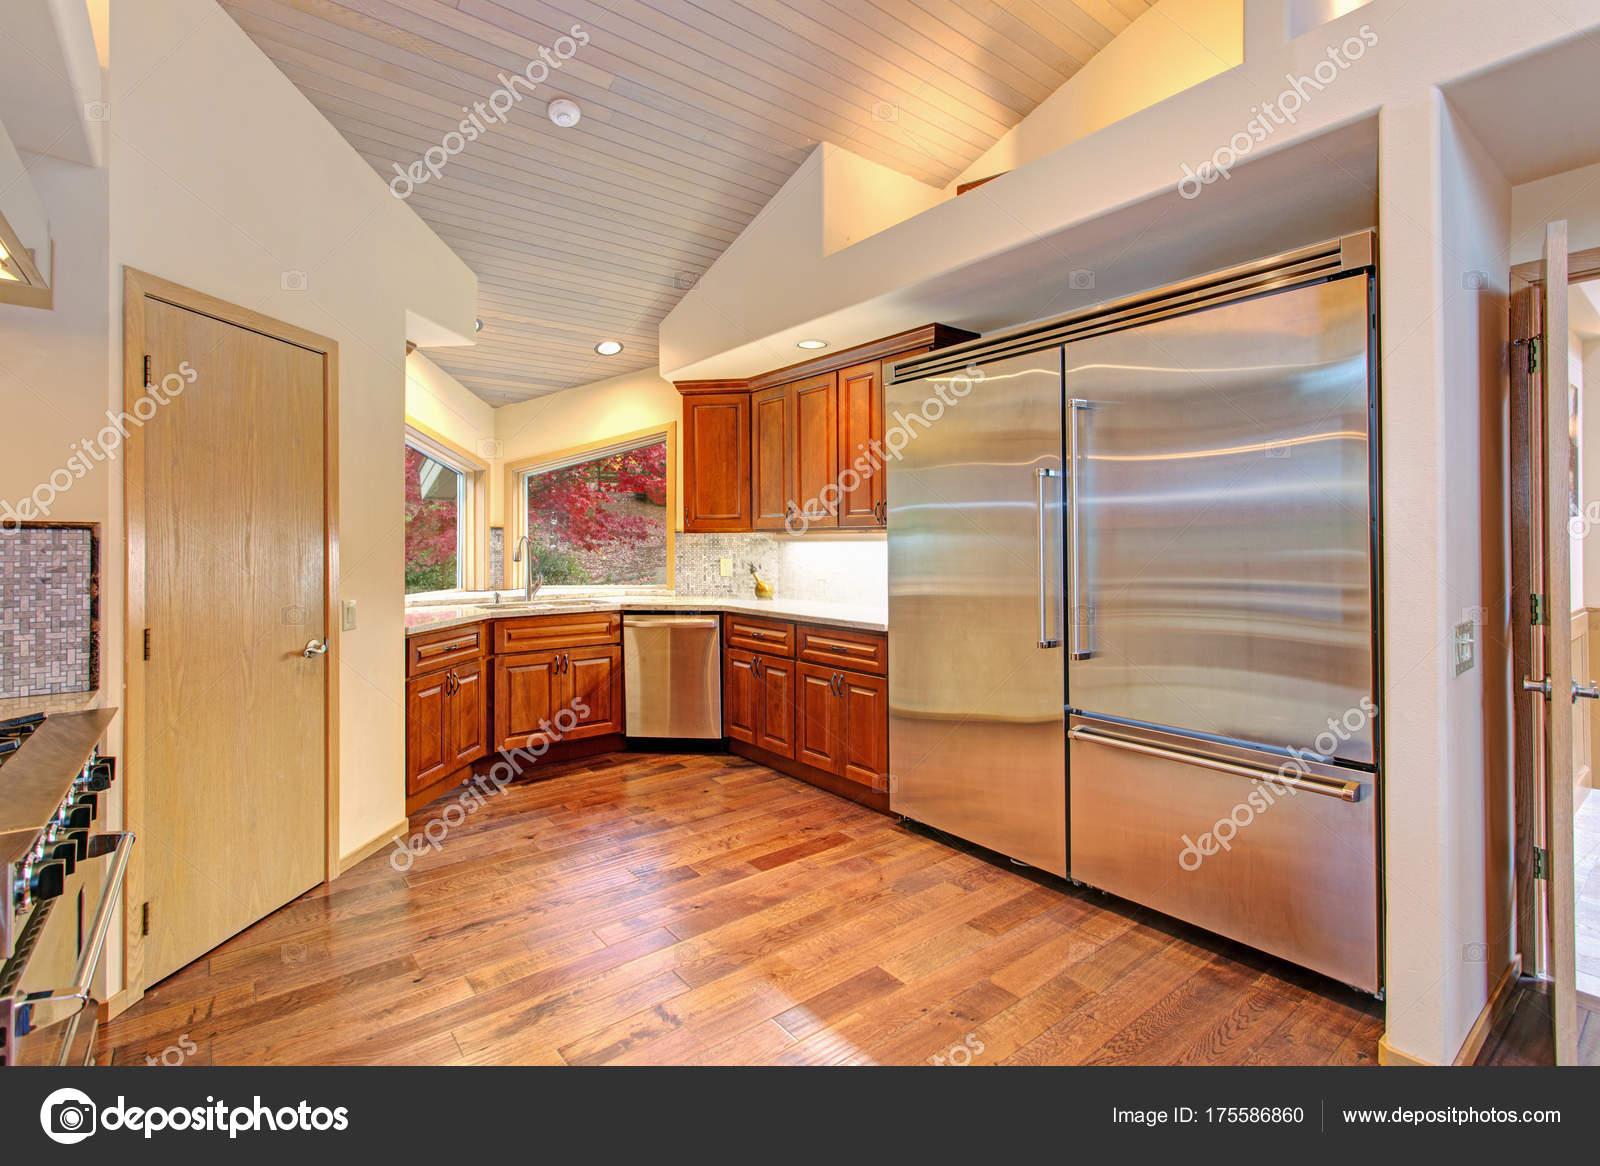 Tolle Küche tolle küche mit hochwertigen edelstahlgeräten stockfoto alabn